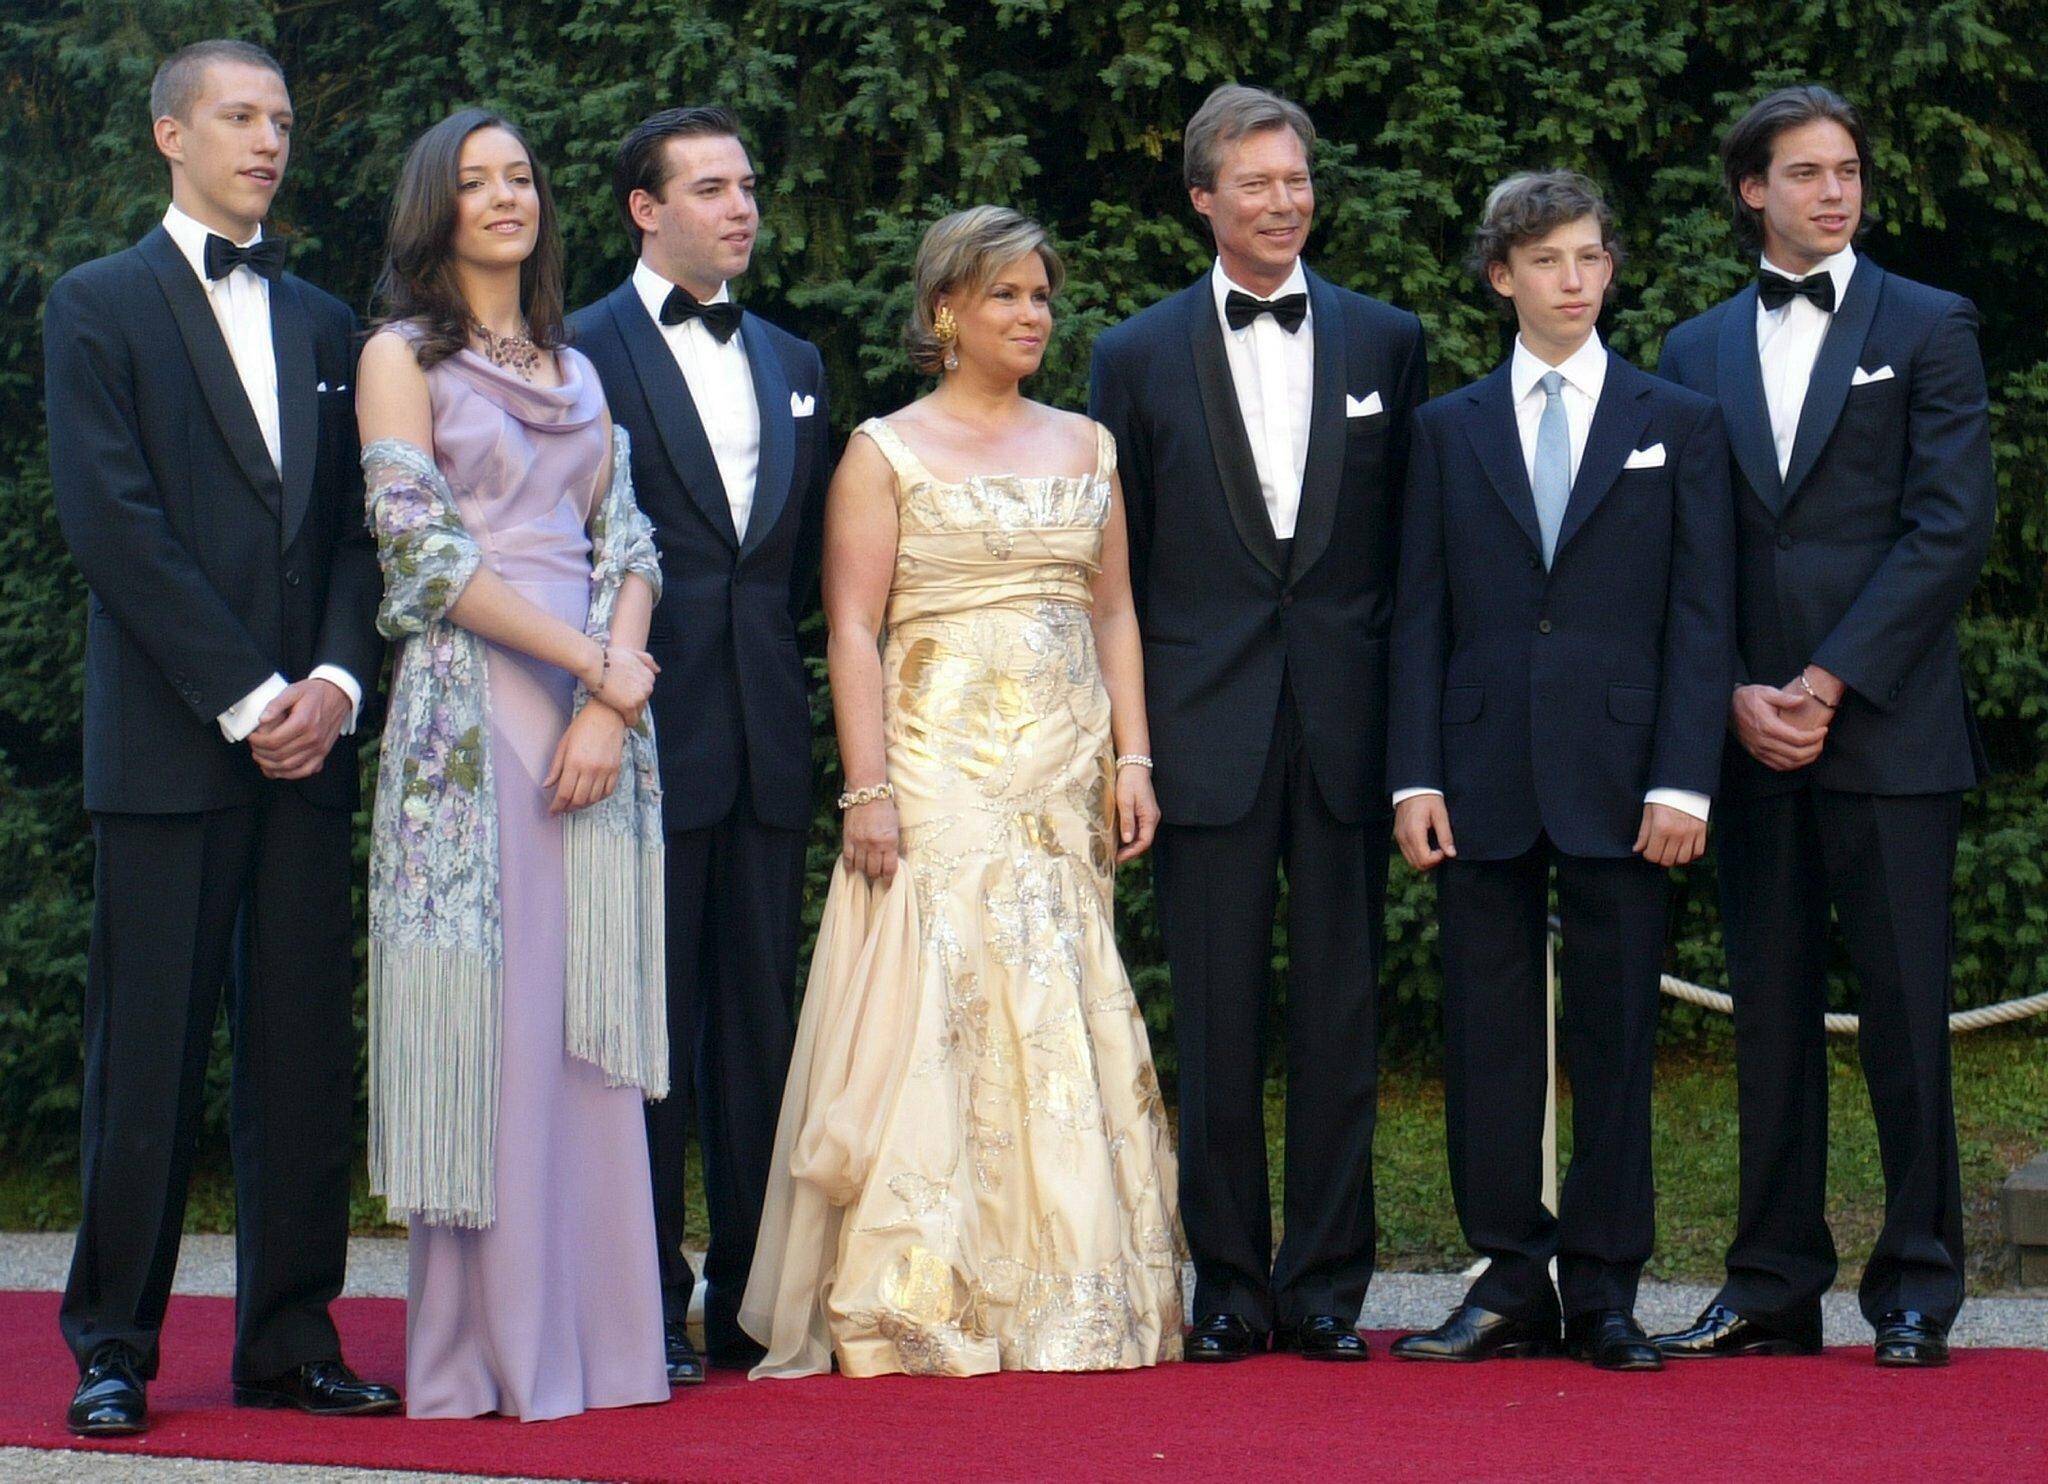 Eine richtige Großfamilie: Maria Teresa und Henri von Luxemburg mit ihren fünf Kindern. (Archivbild) © epa-Bildfunk